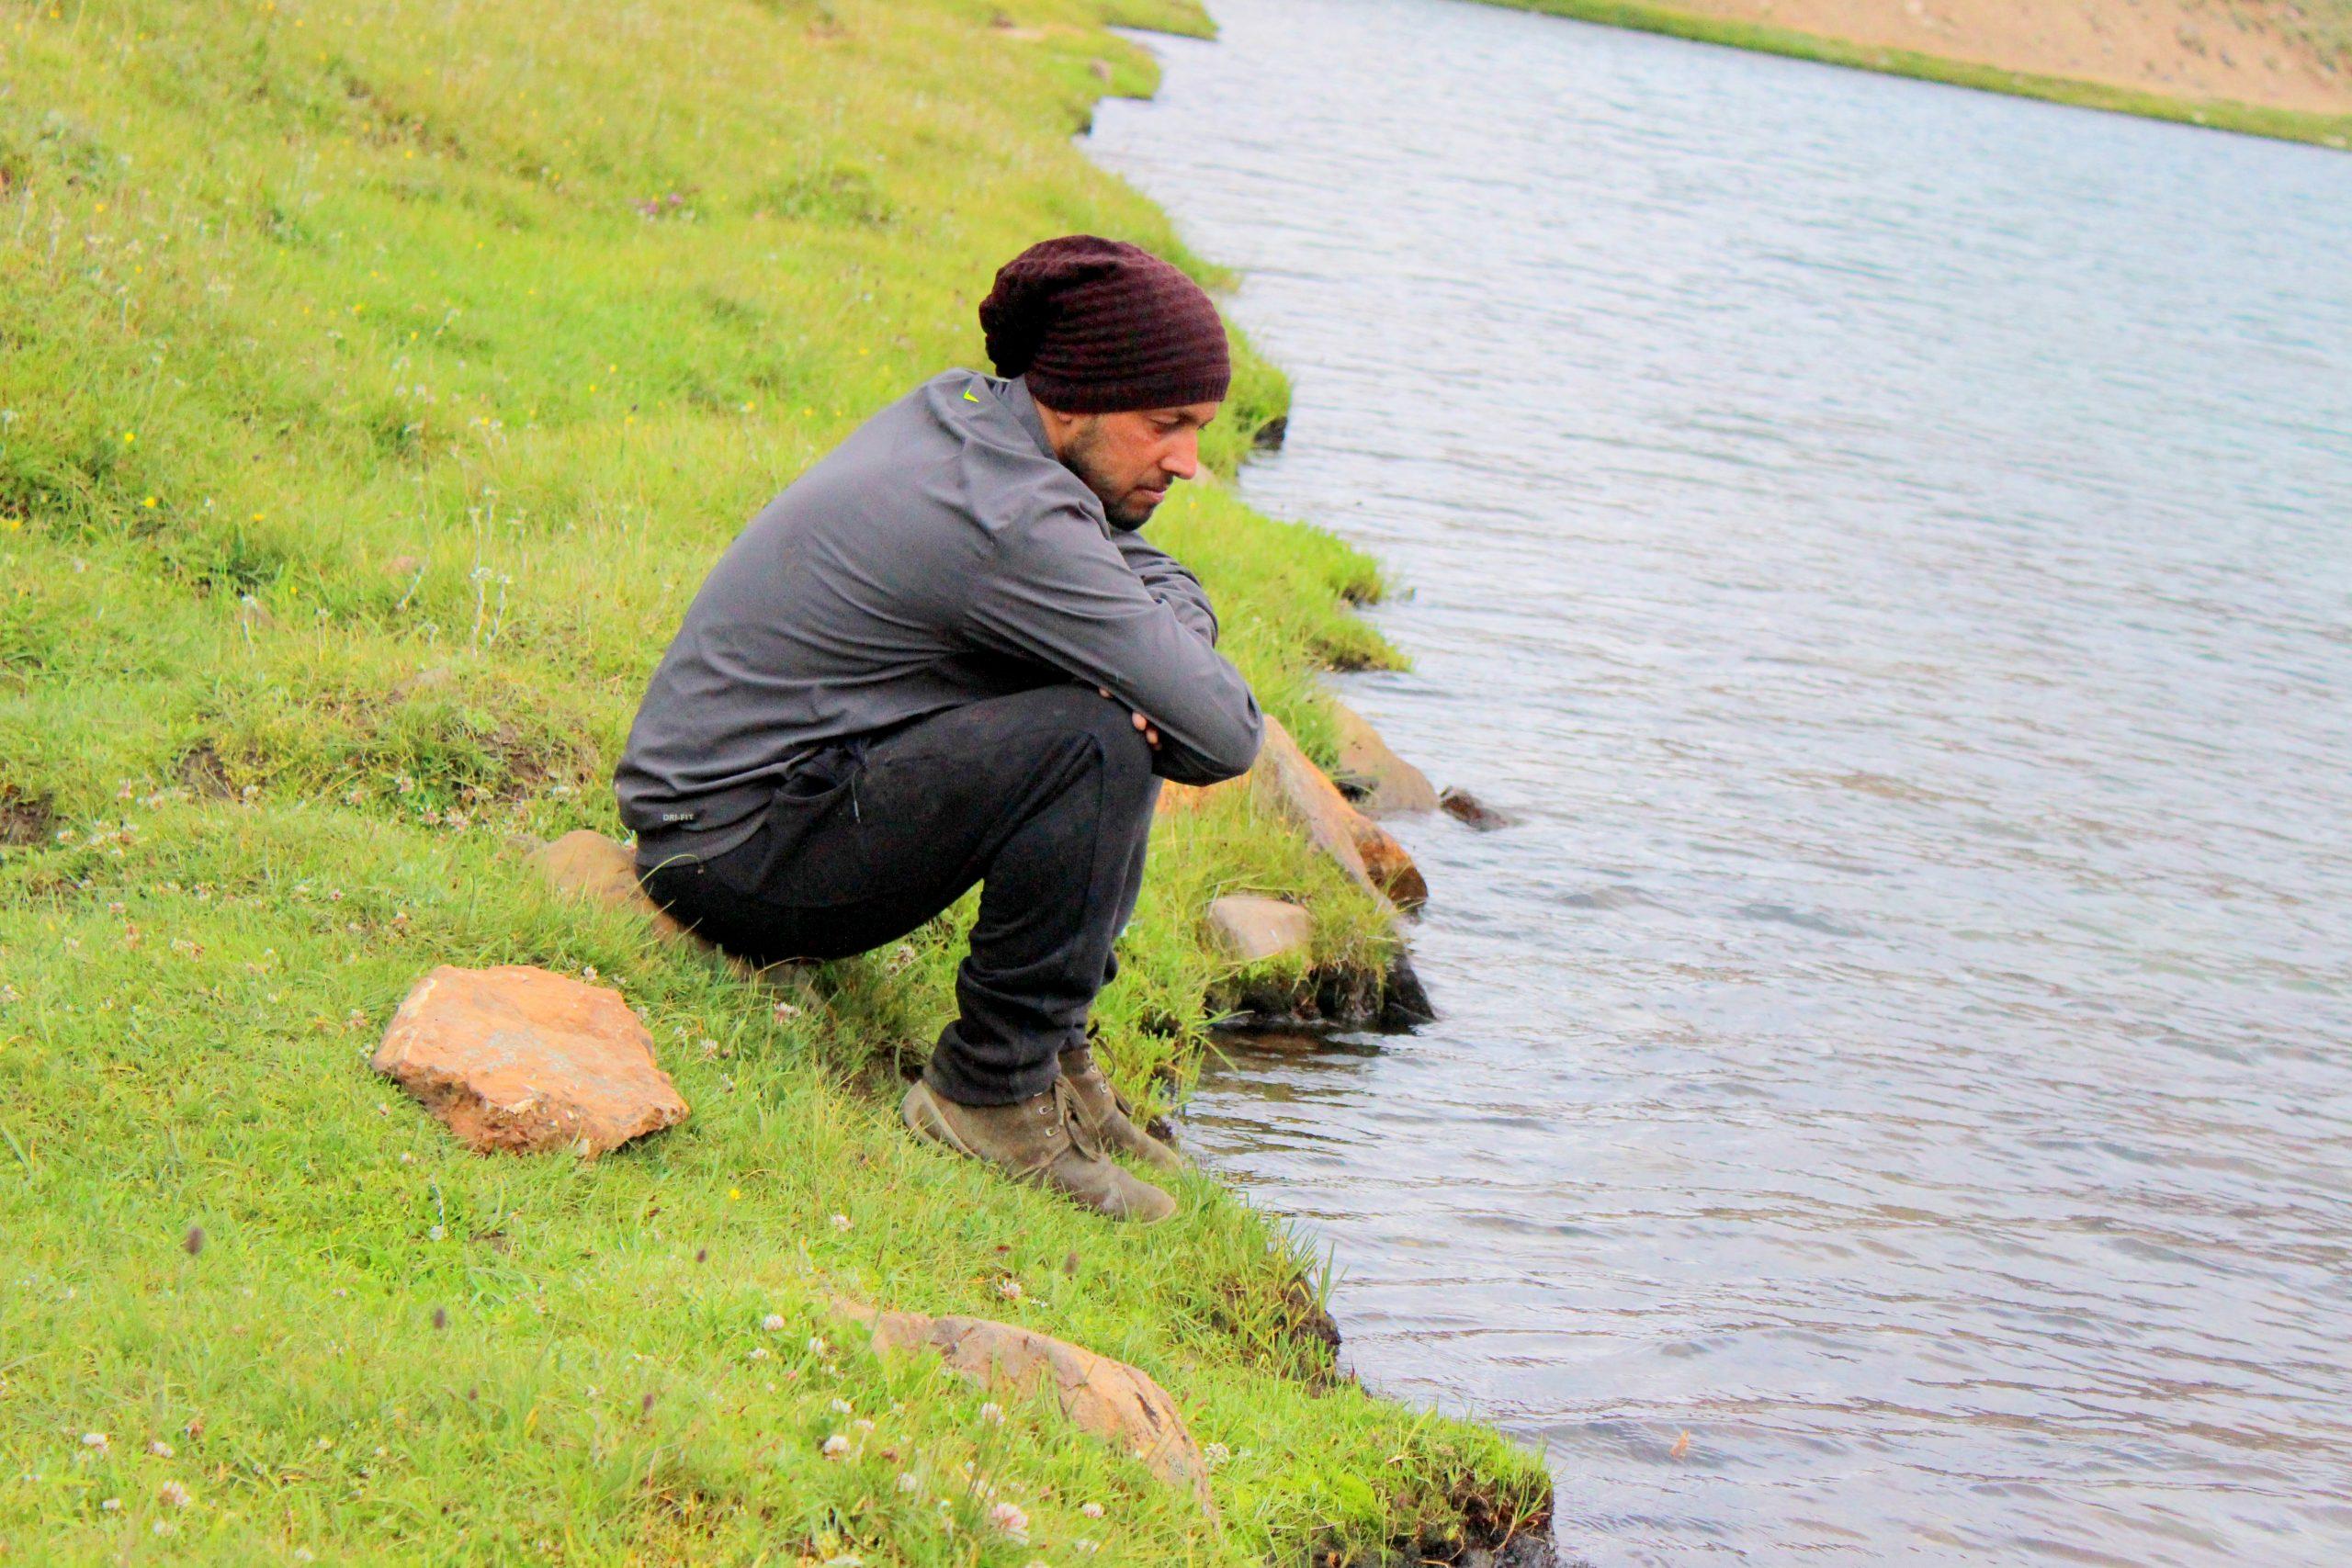 sahil at the lake